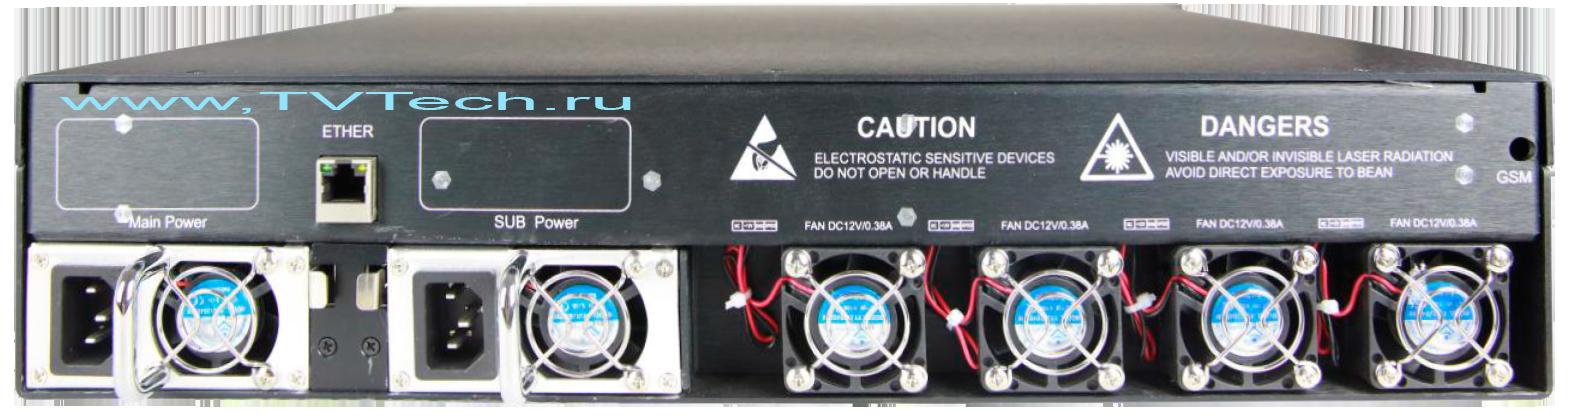 Вид сзади EDFA 64x23 дБм оптический усилитель OA1550